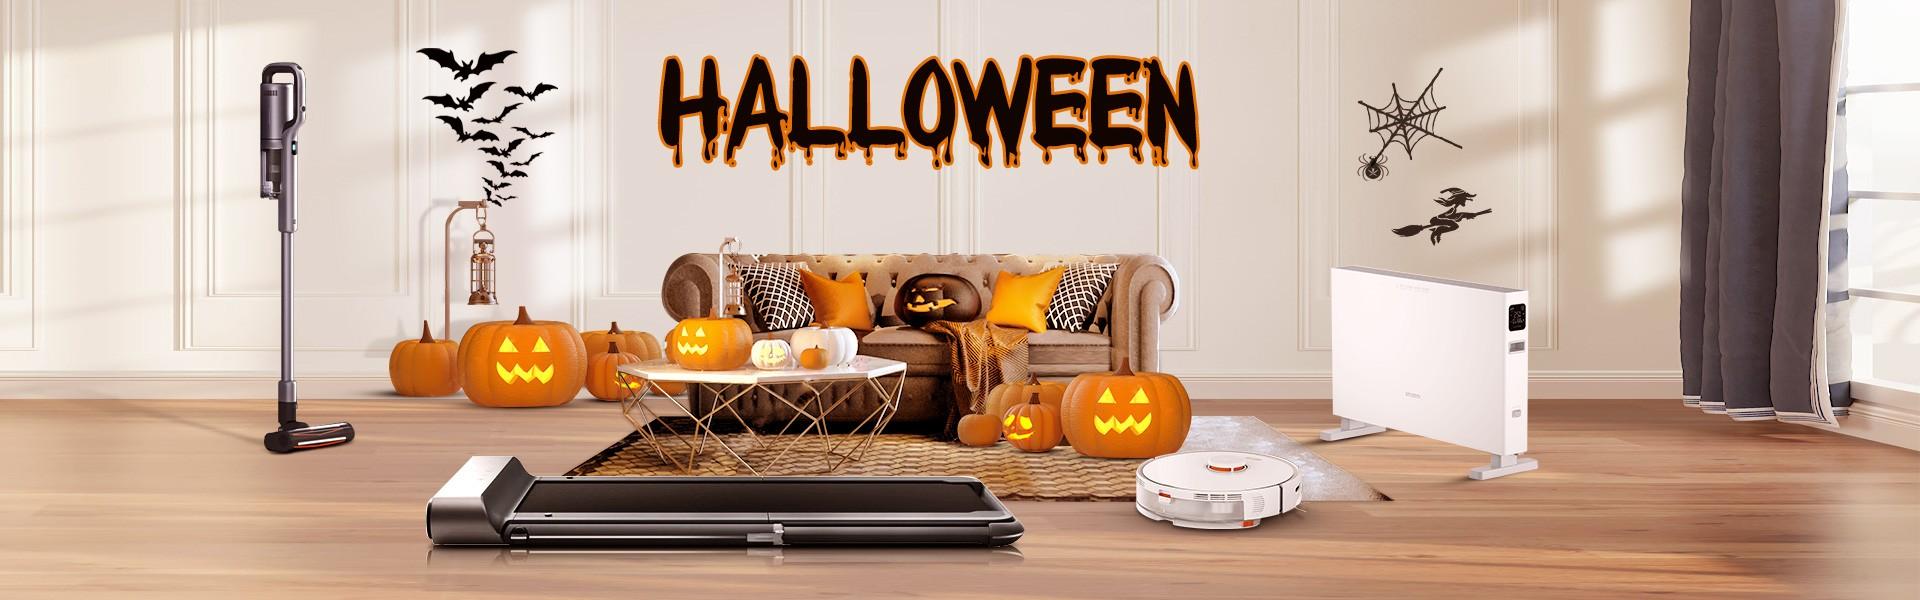 Promozione Halloween 2020